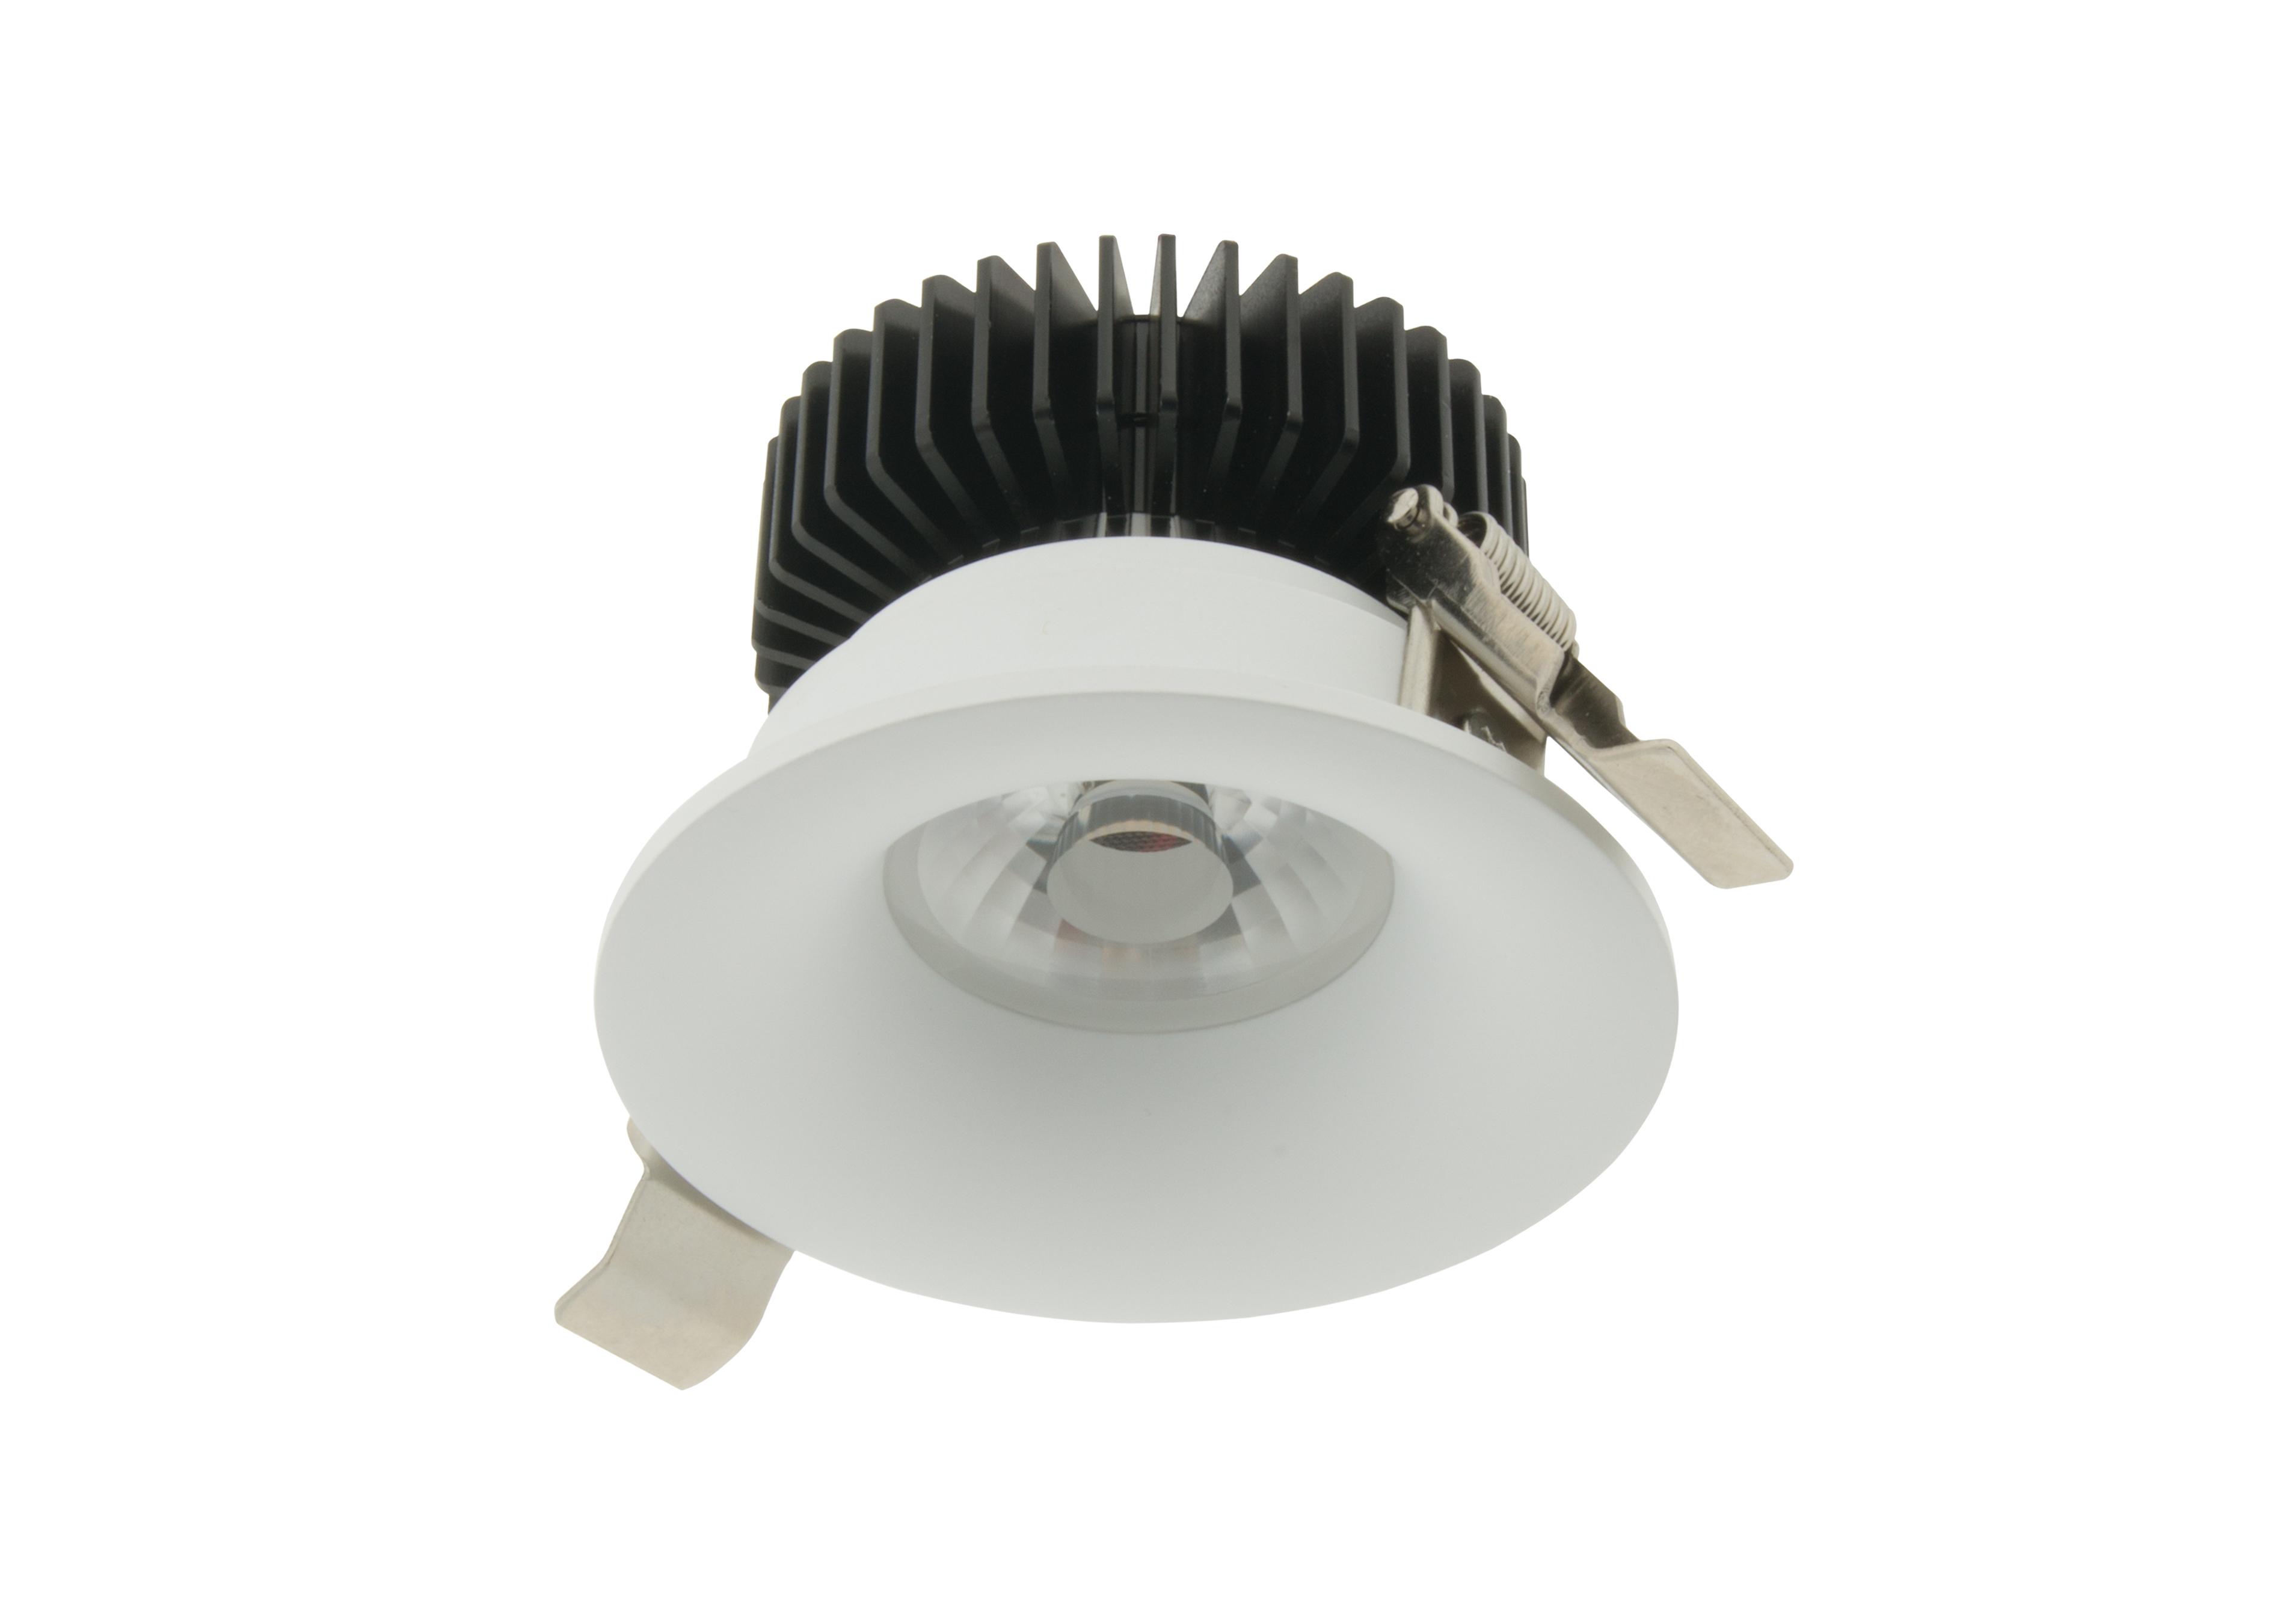 1 Stk LED Downlight 80 - IP43 | CRI/RA 97 (Starr) Ultra Warmweiß LILD080136